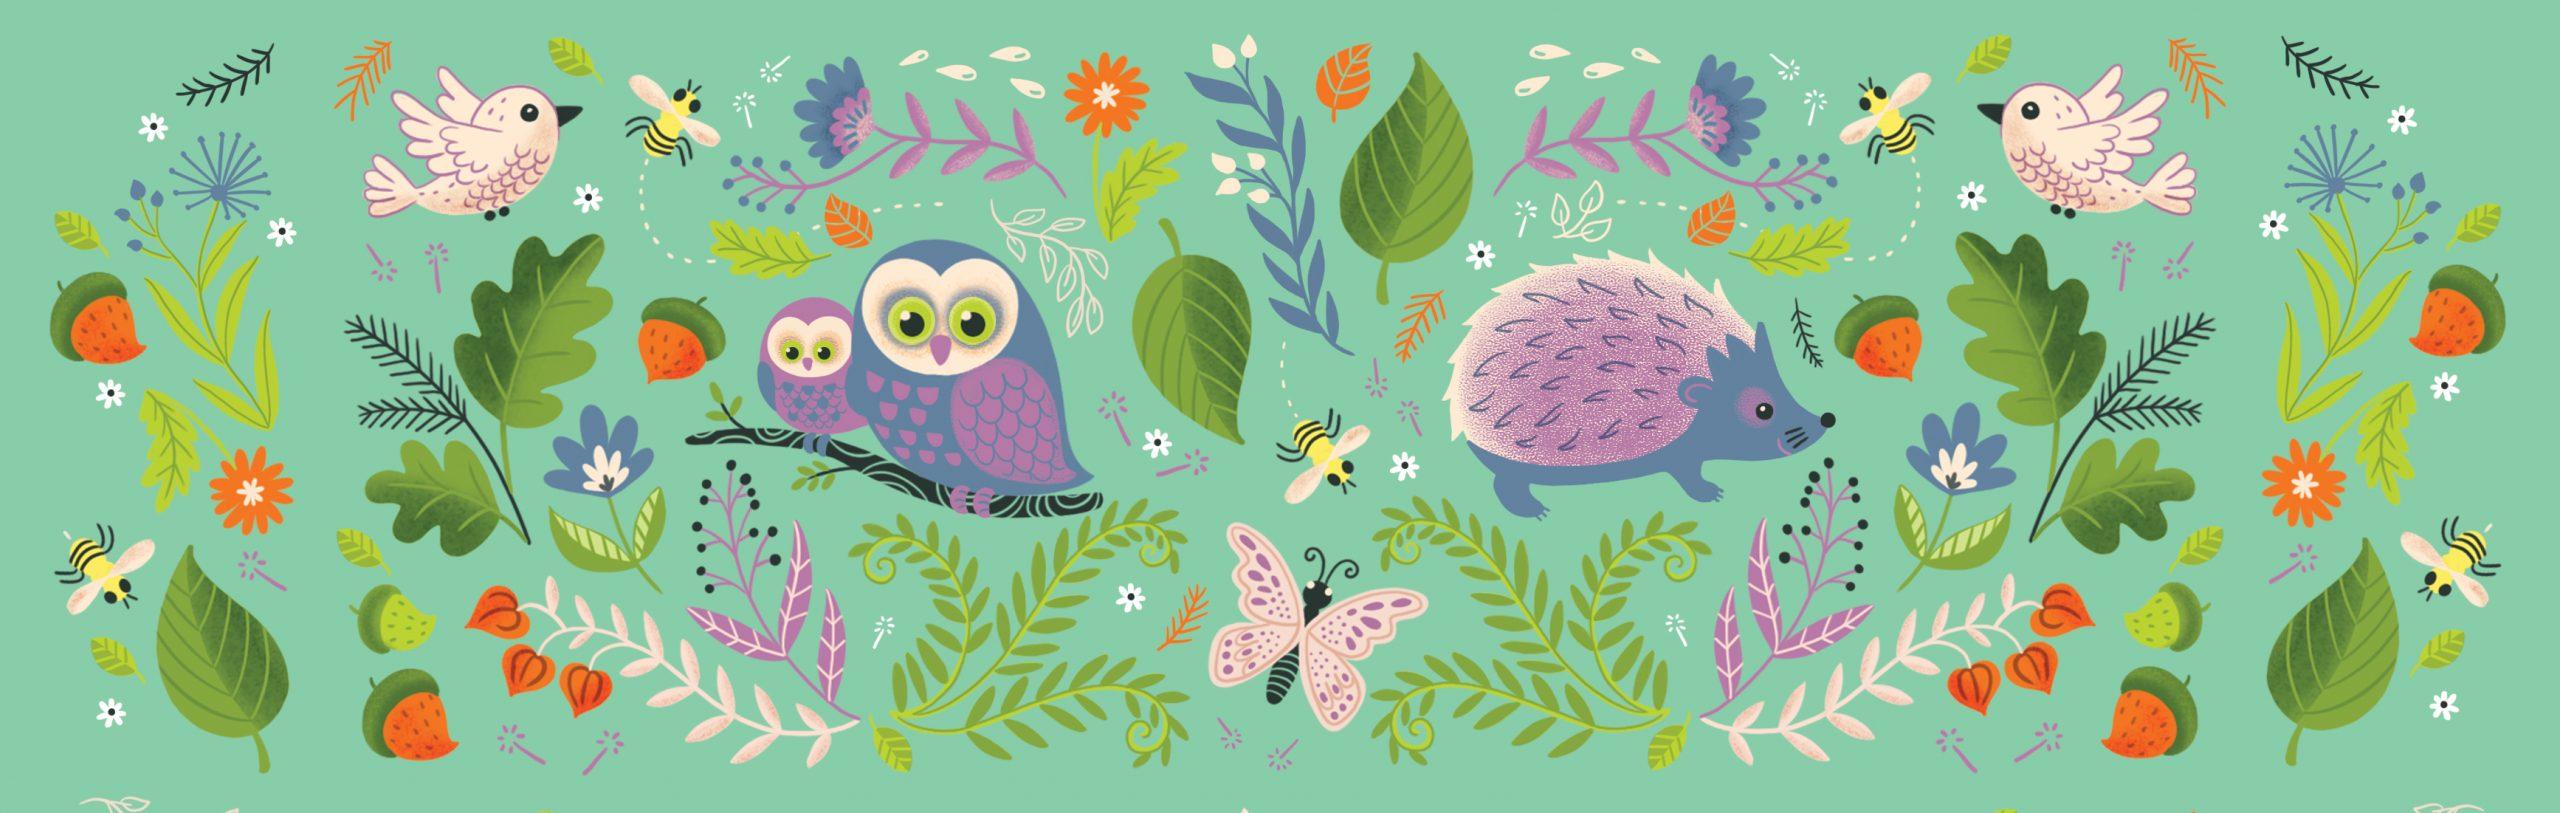 Illustration par Isabelle Charbonneau pour une boite de mouchoir de la marque Sélection, par l'agence Pigeon Brands